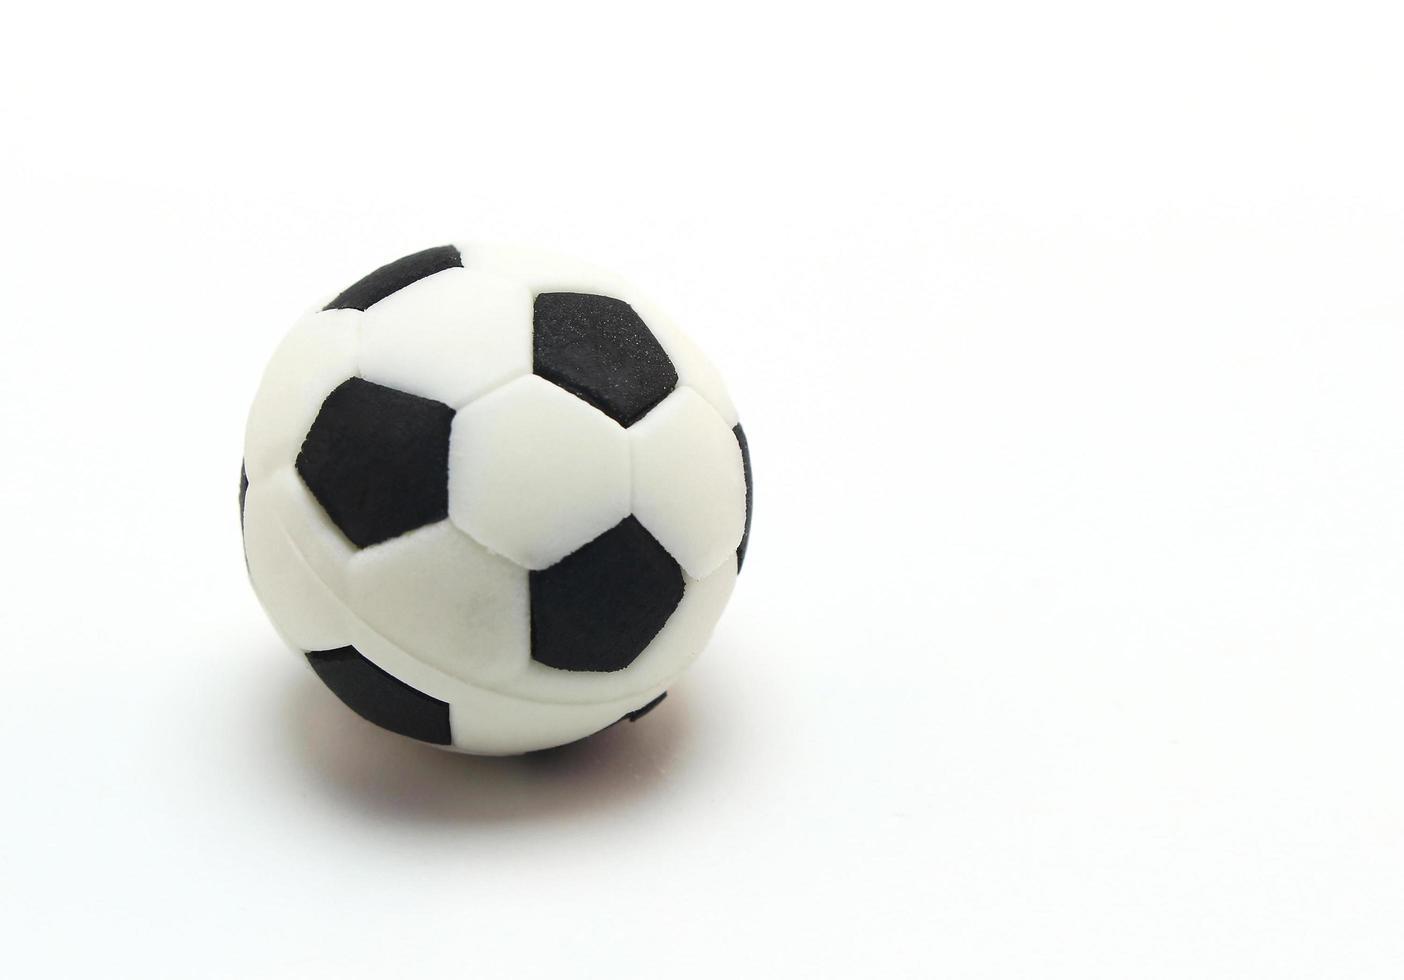 Fußball auf weißem Hintergrund foto